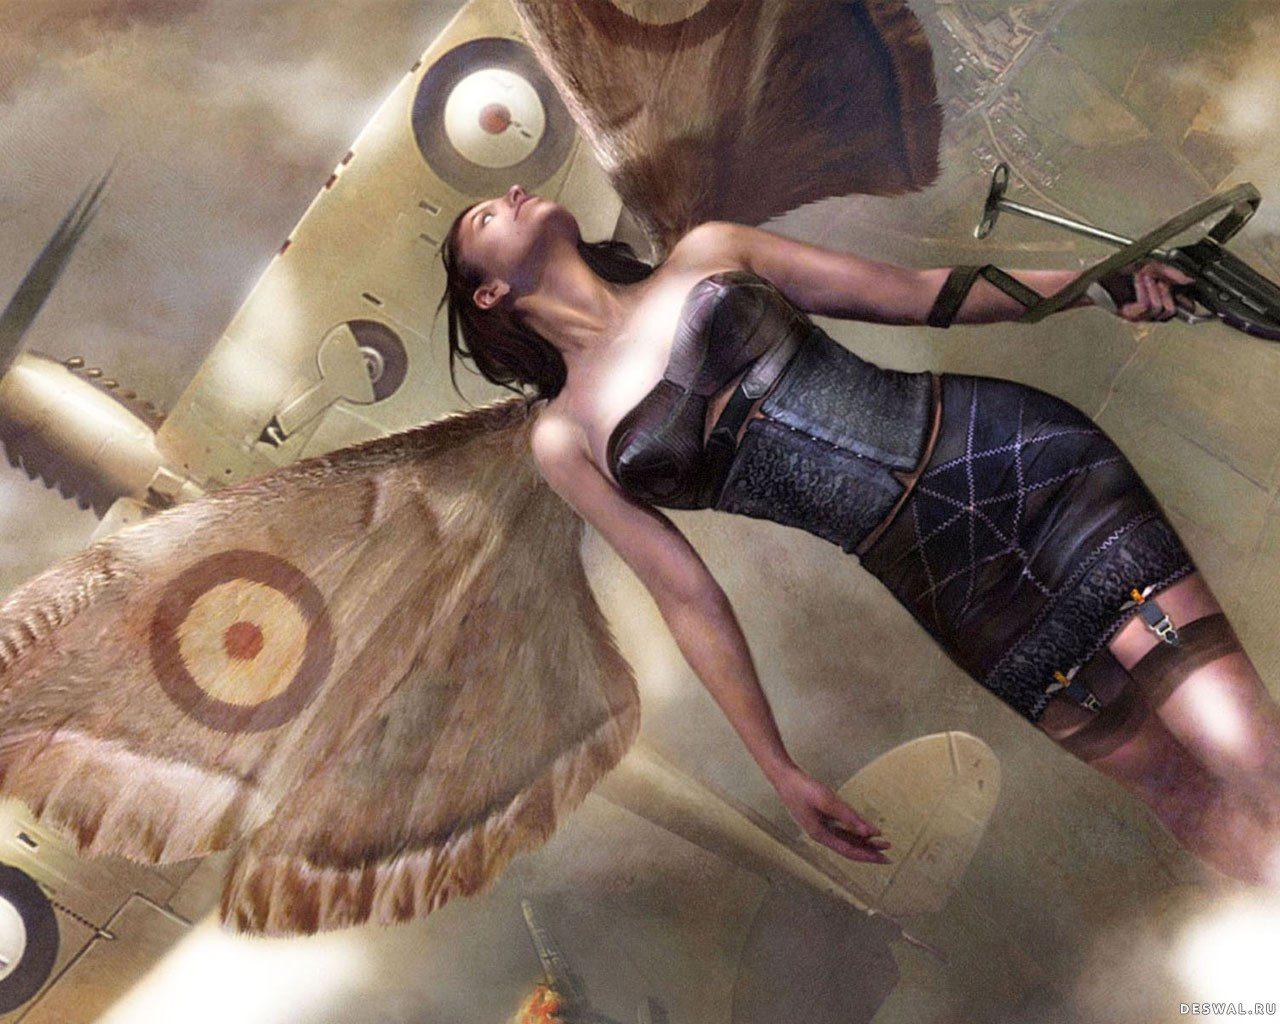 Фото 27.. Нажмите на картинку с обоями из фэнтези, чтобы просмотреть ее в реальном размере